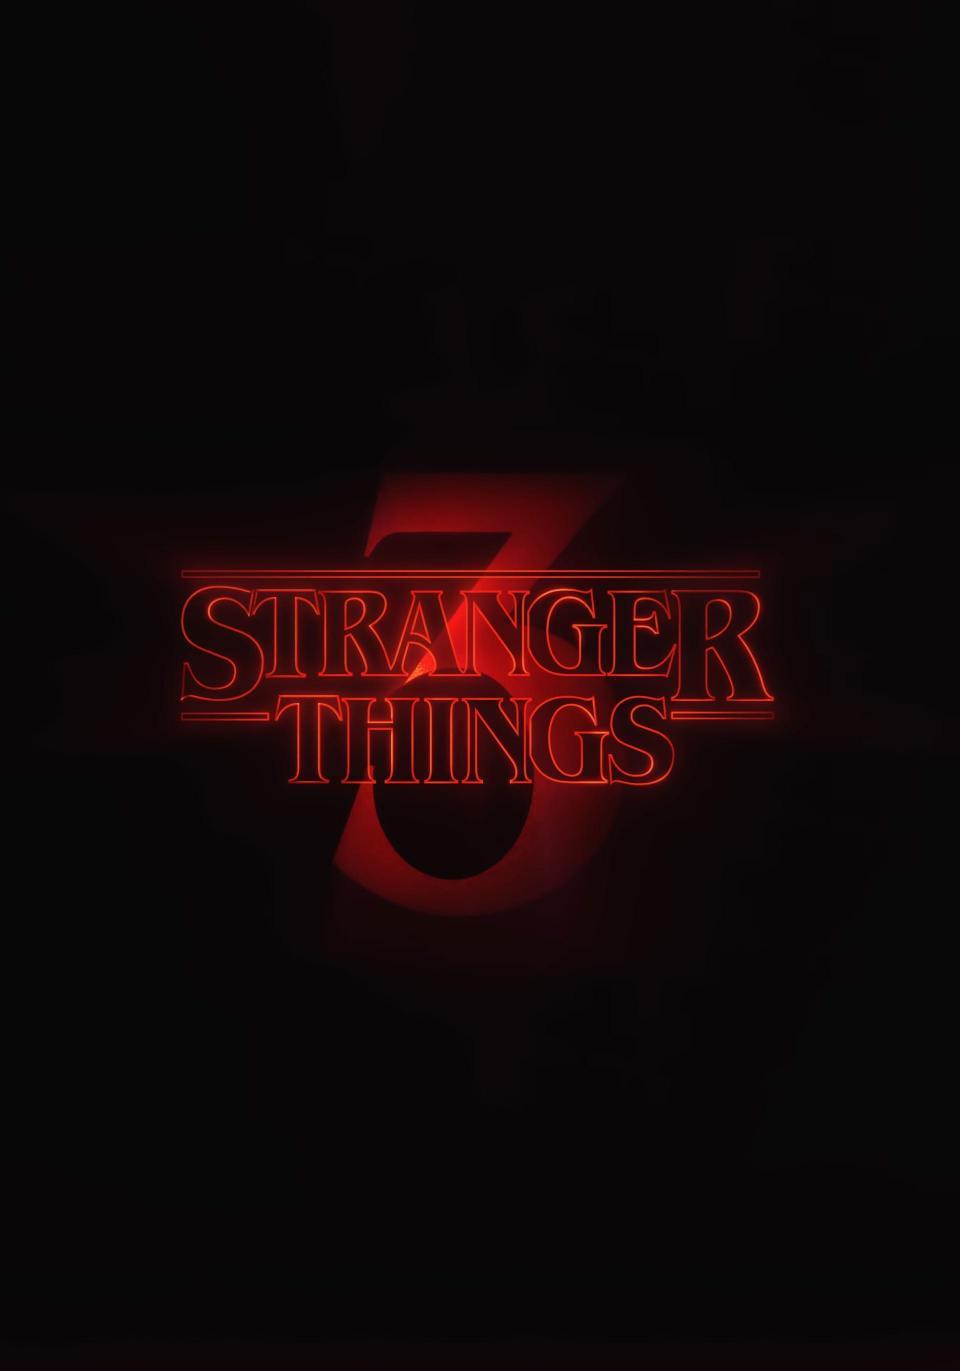 [Trailer] Stranger Things 3: Das Abenteuer geht weiter im Sommer 1985